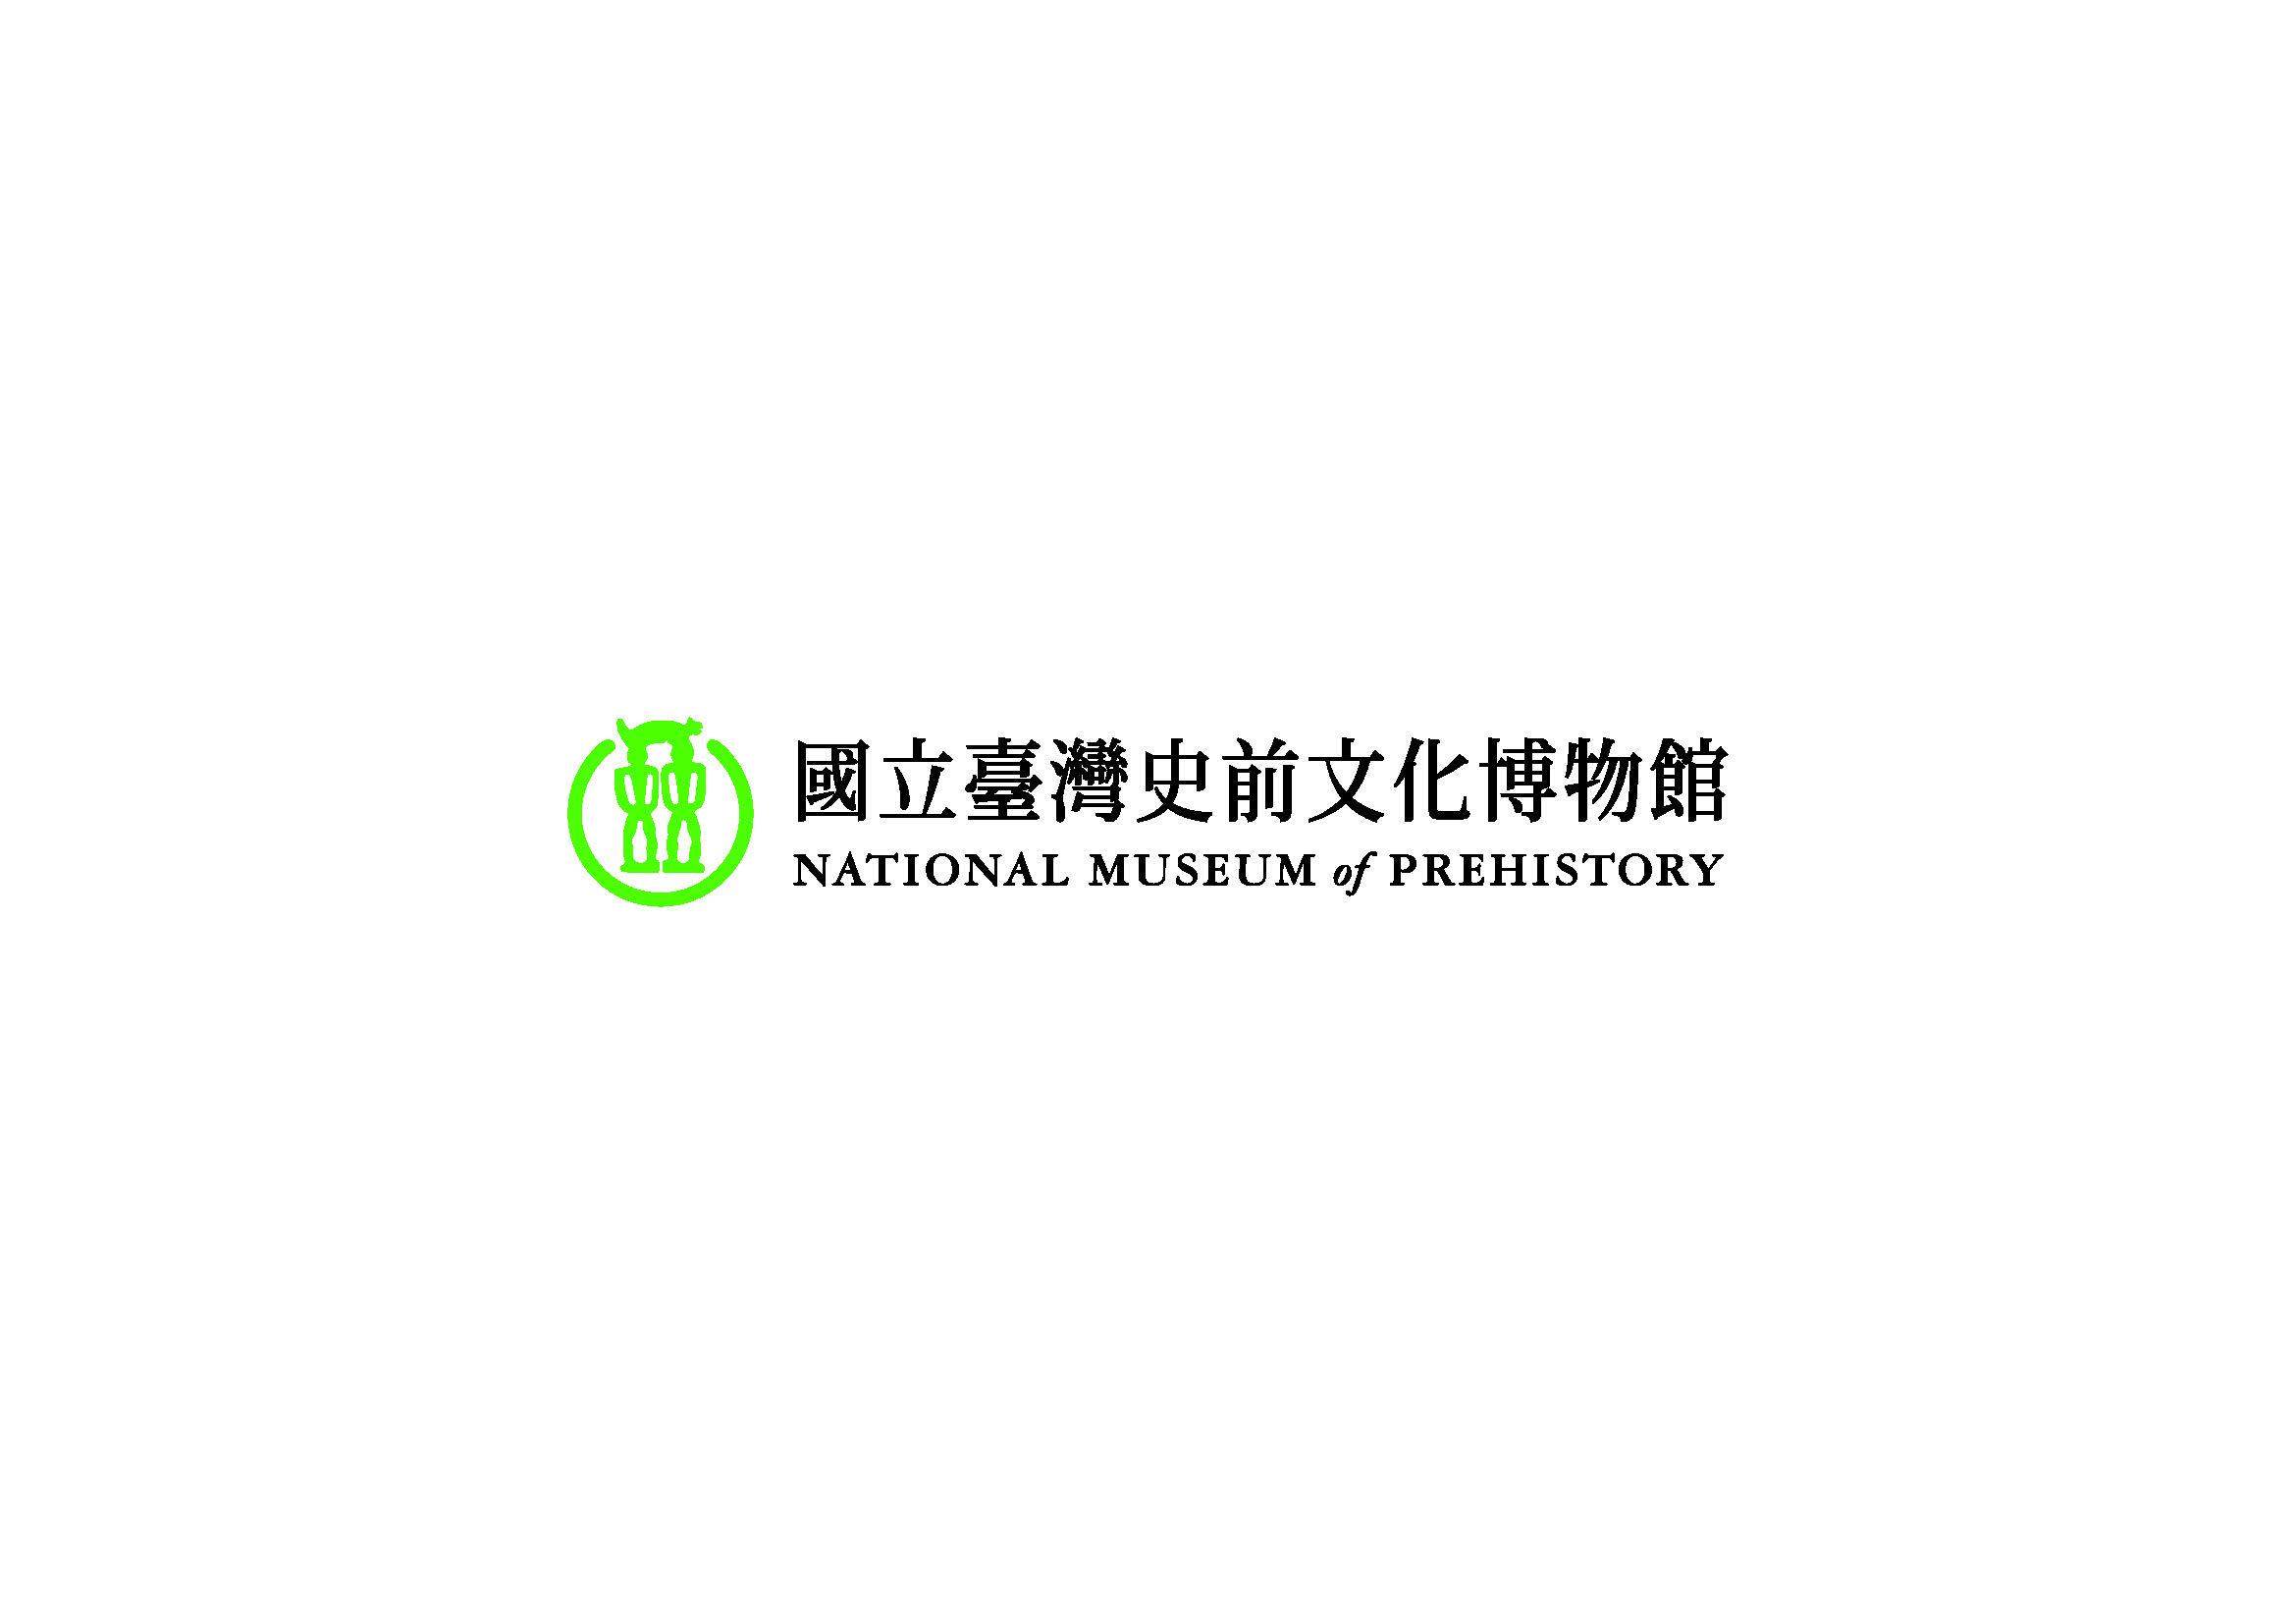 臺灣史前文化博物館優化視覺識別系統暨指標系統設計